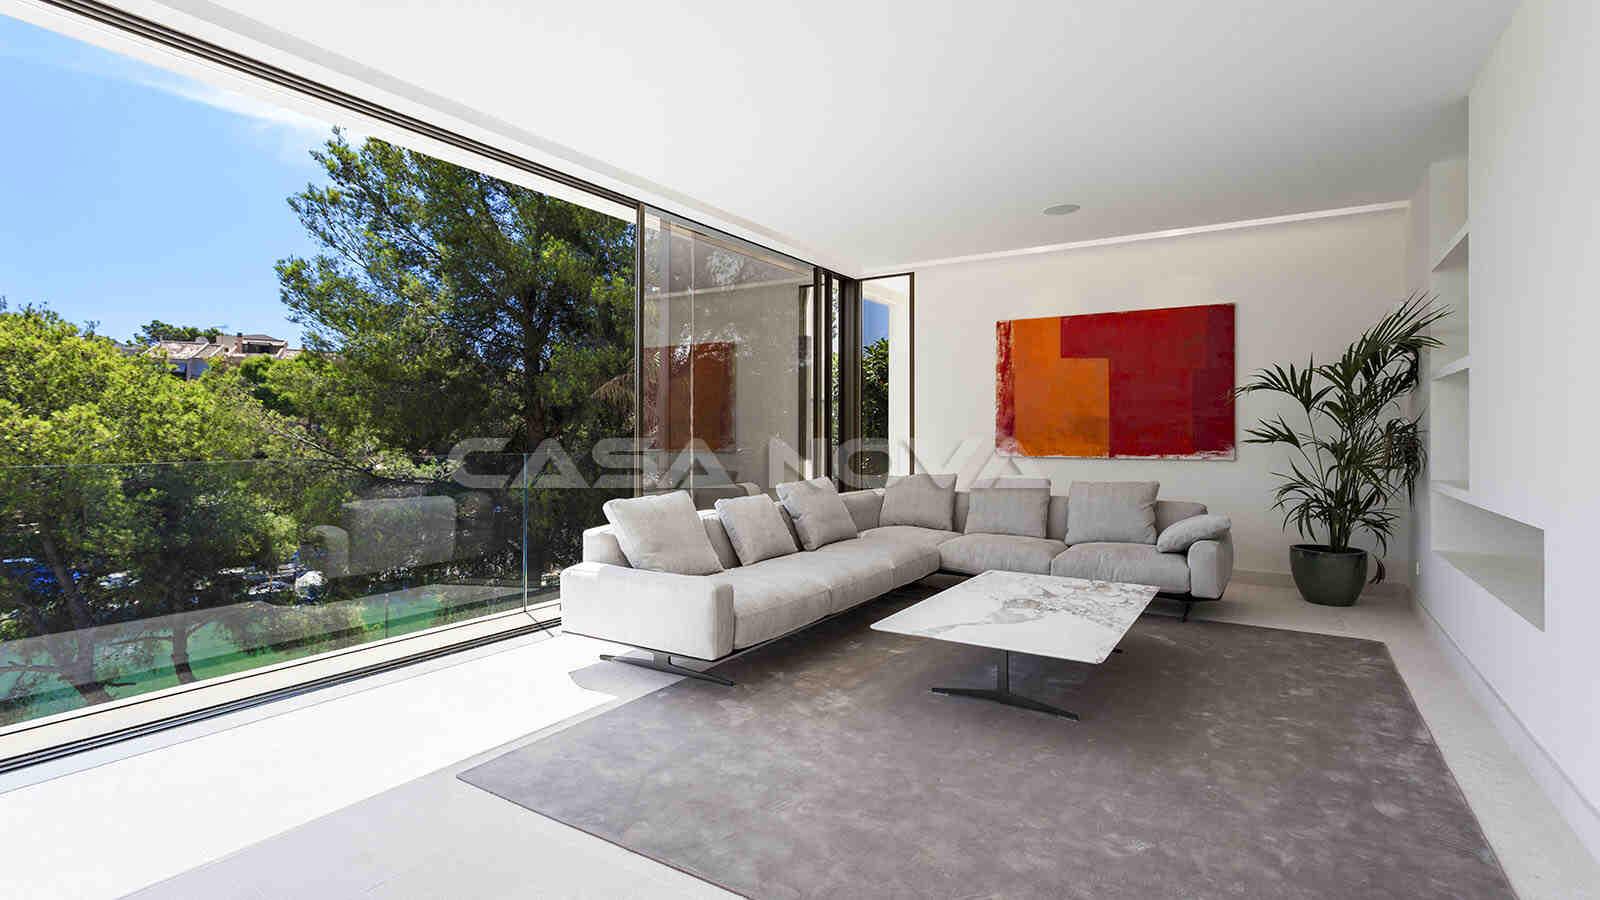 Ref. 2402530 - Heller Wohnbereich mit großen Fensterelementen